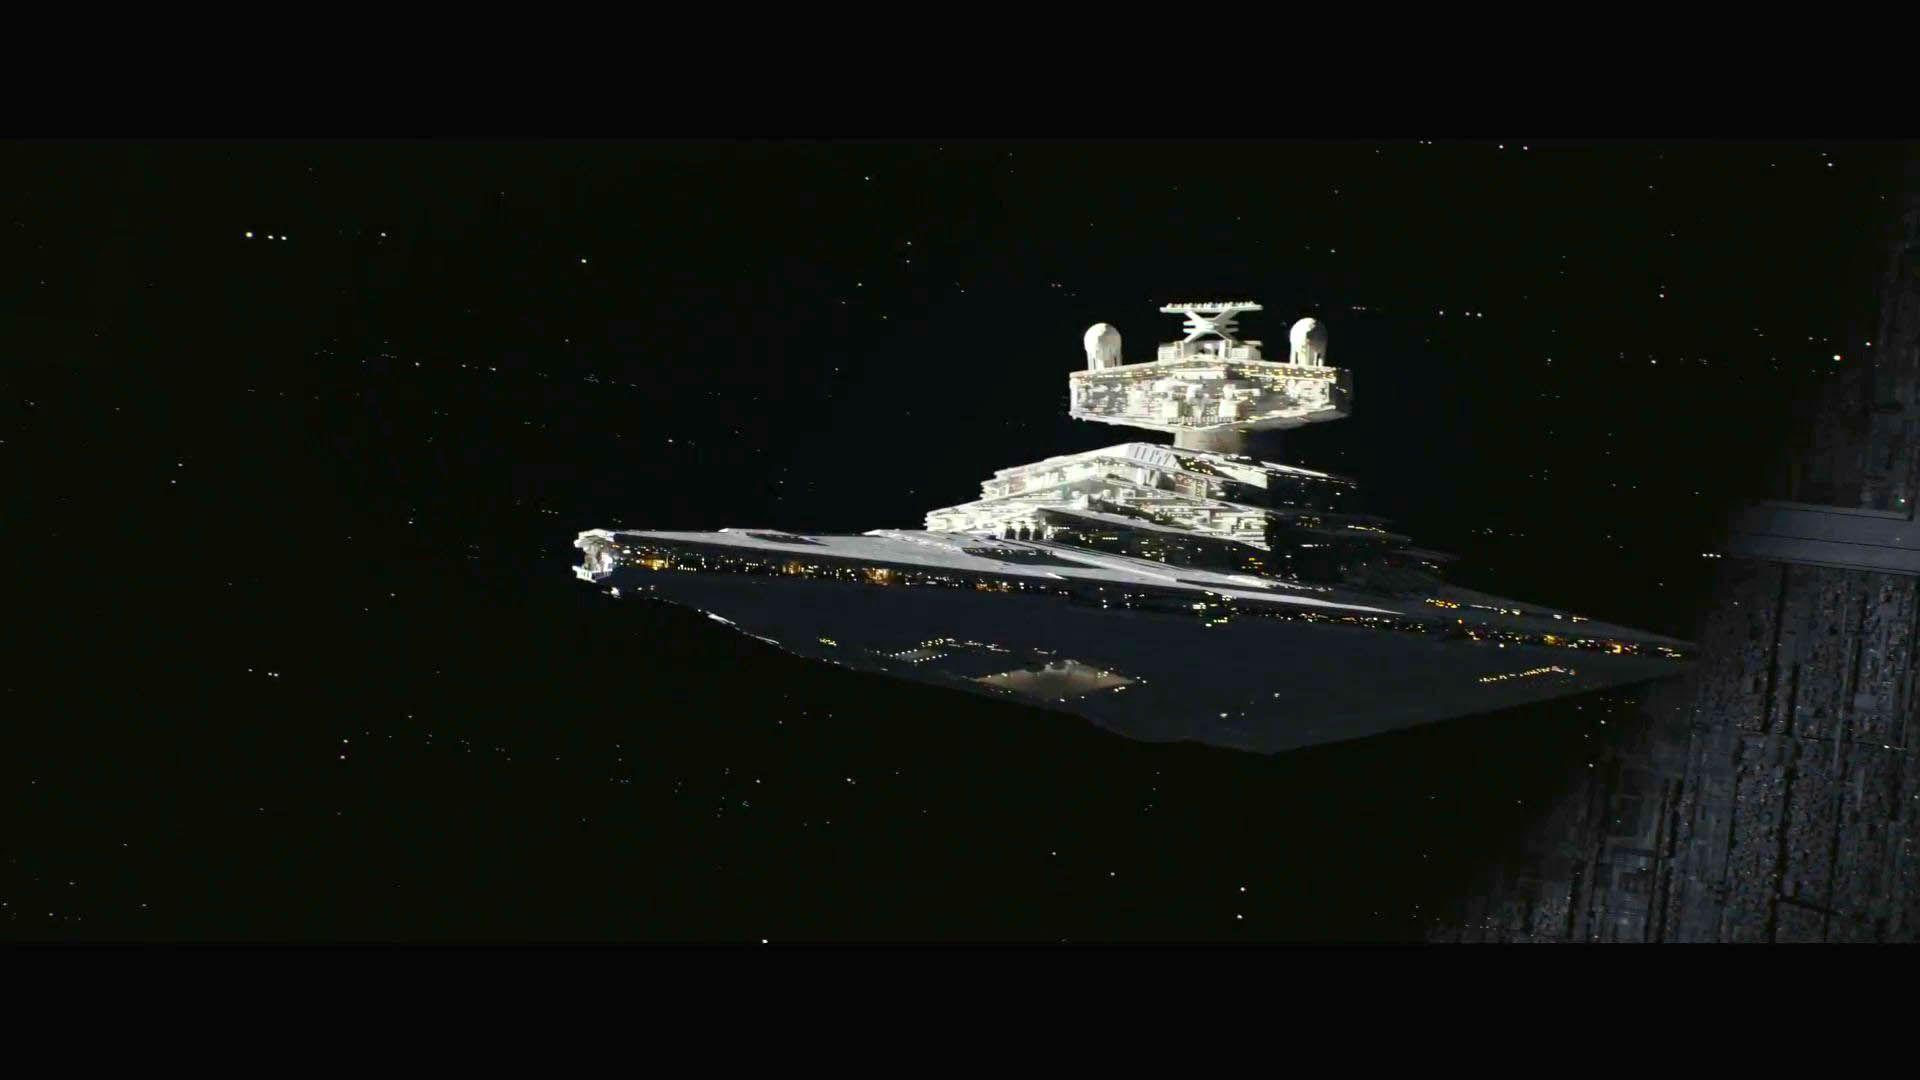 Star Wars Rogue One Star Destroyer 1920x1080 Wallpaper Star Wars Wallpaper Star Destroyer Star Wars